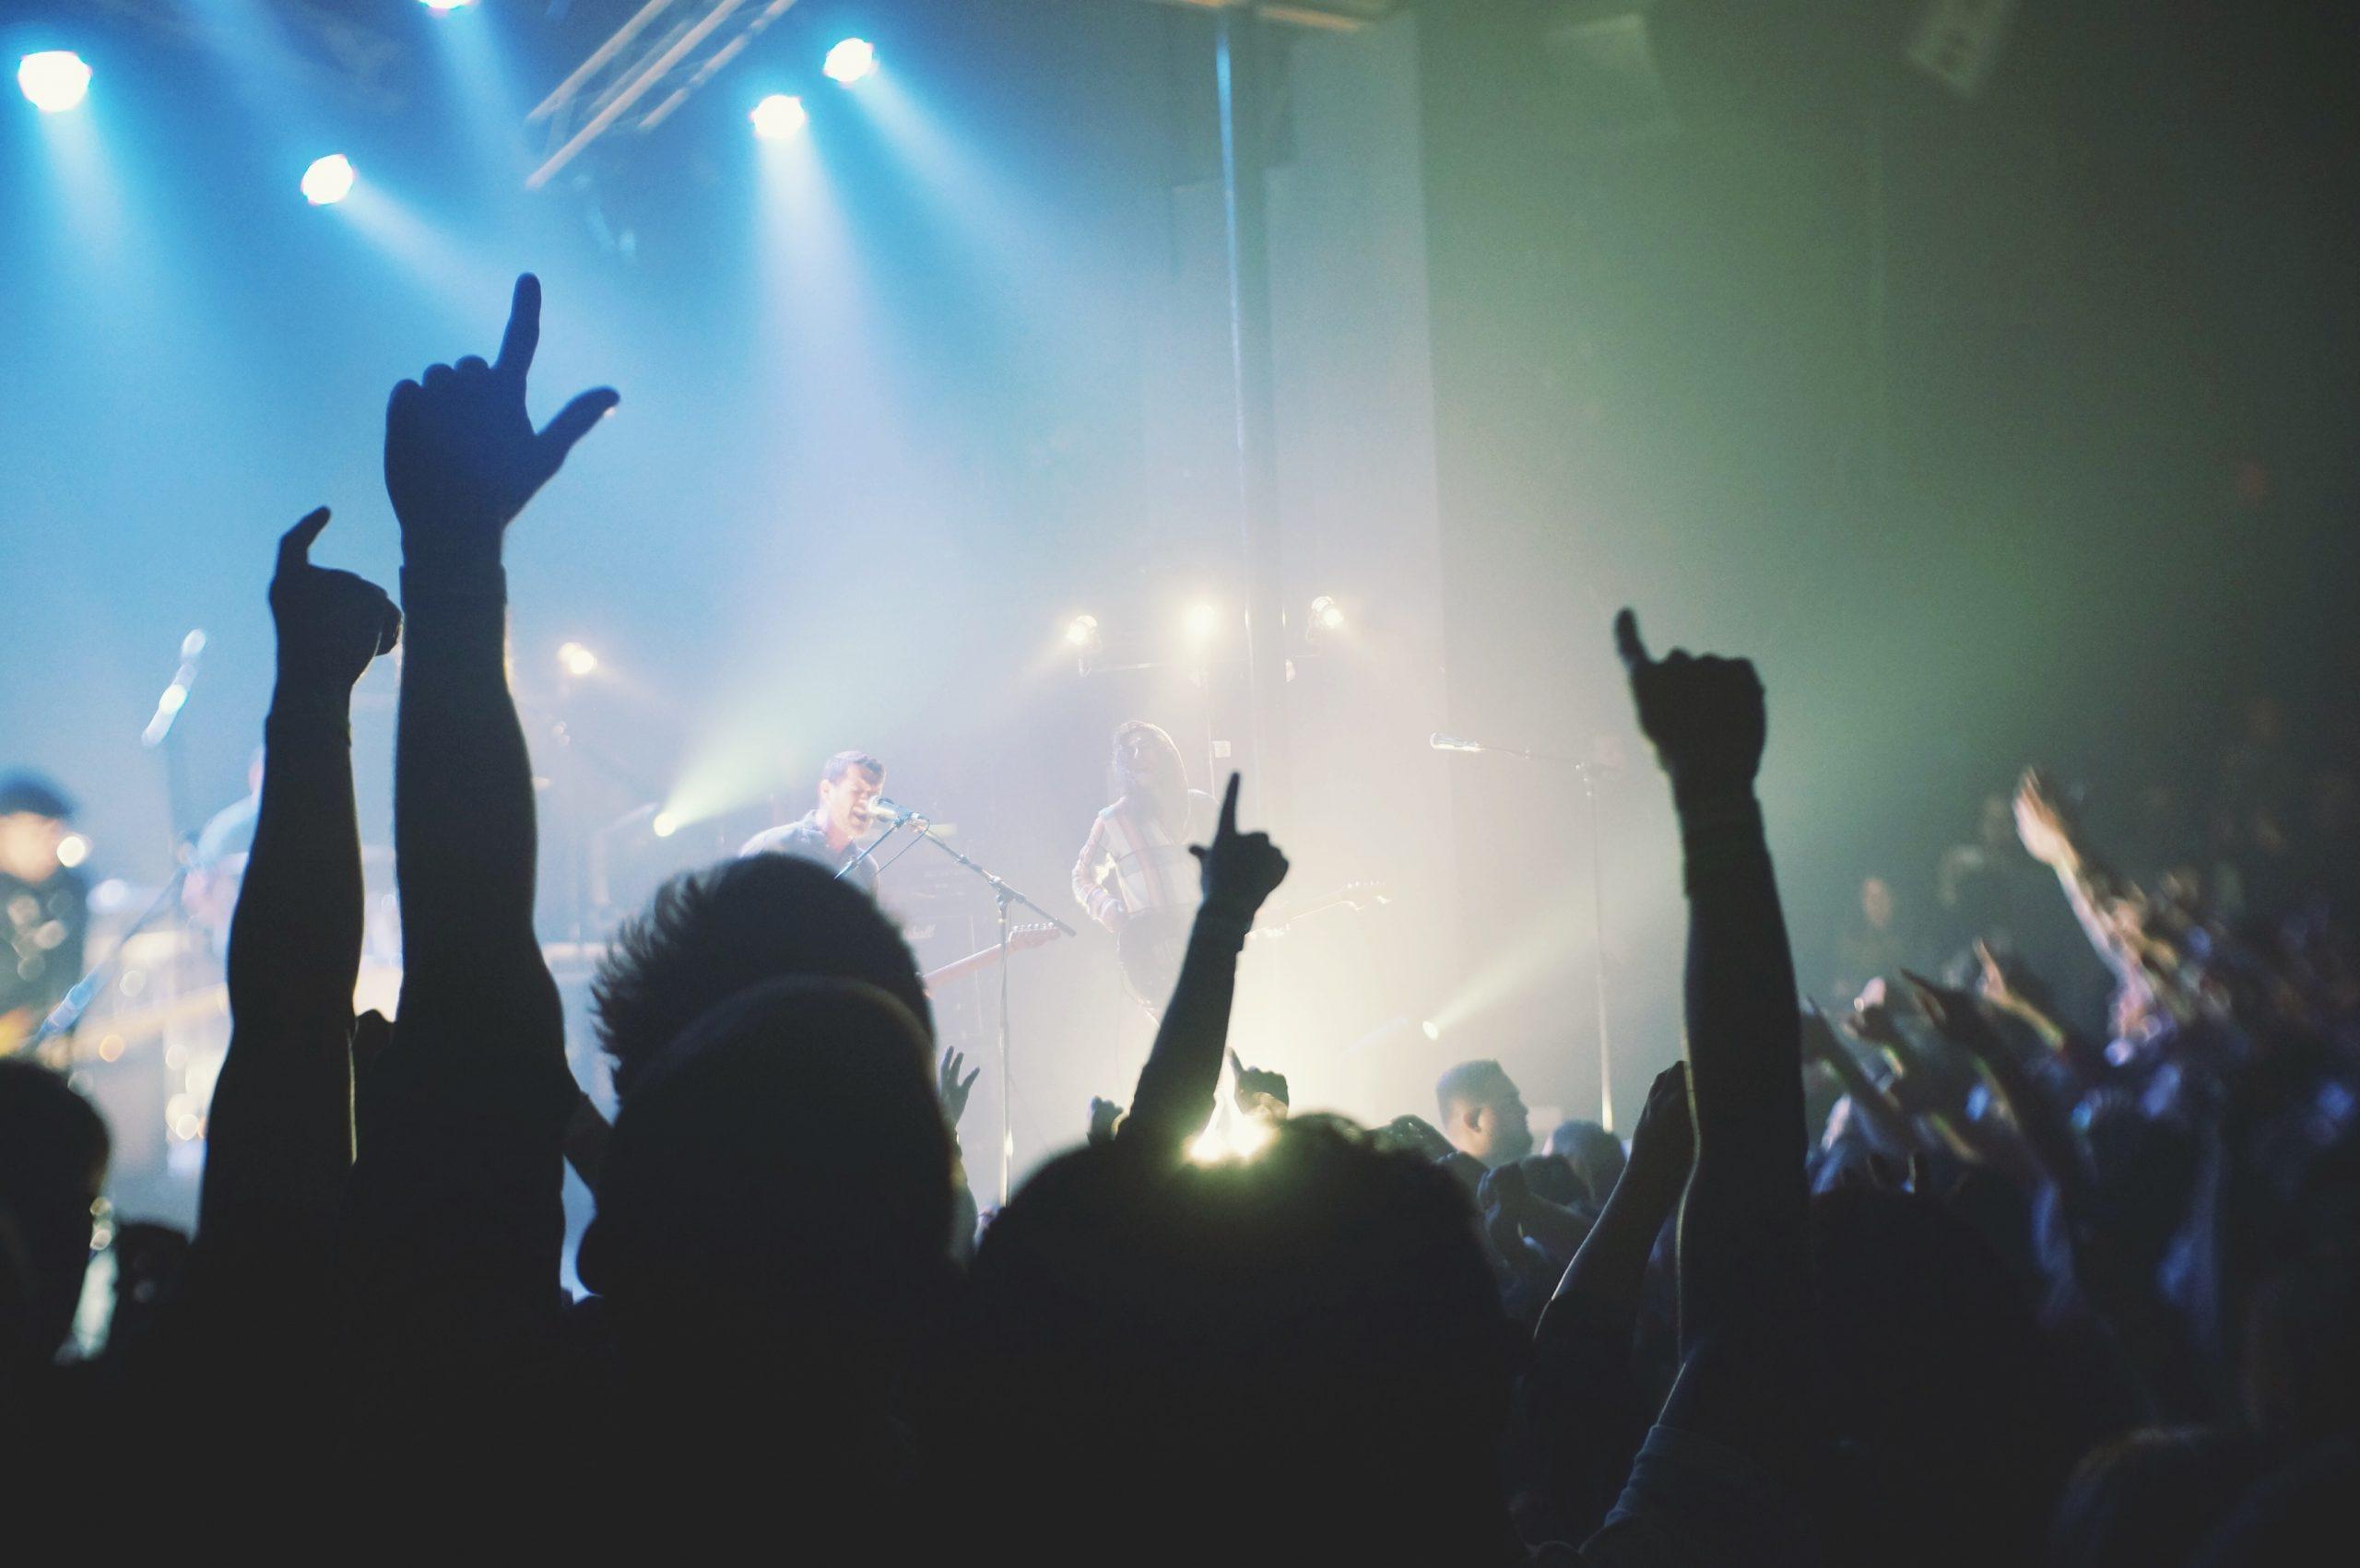 live concert, concert, stage